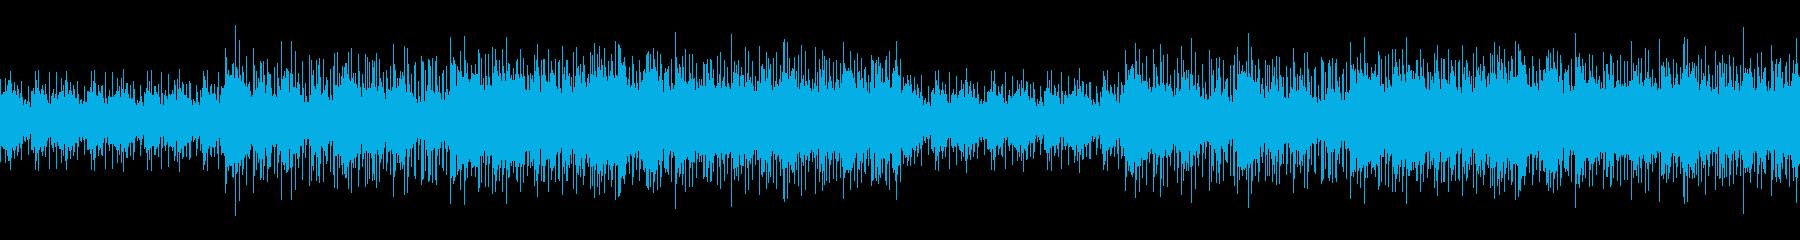 シリアスでミステリー感のある曲の再生済みの波形